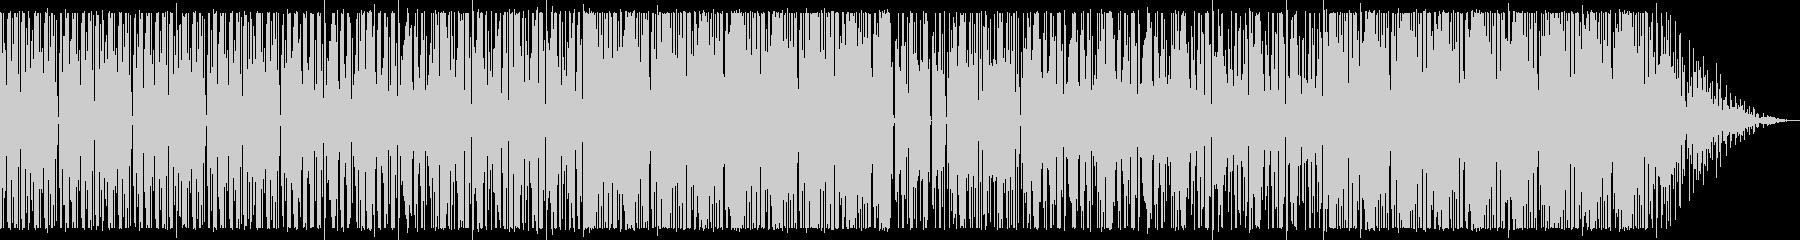 ビートの強いヒップホップ_No445の未再生の波形